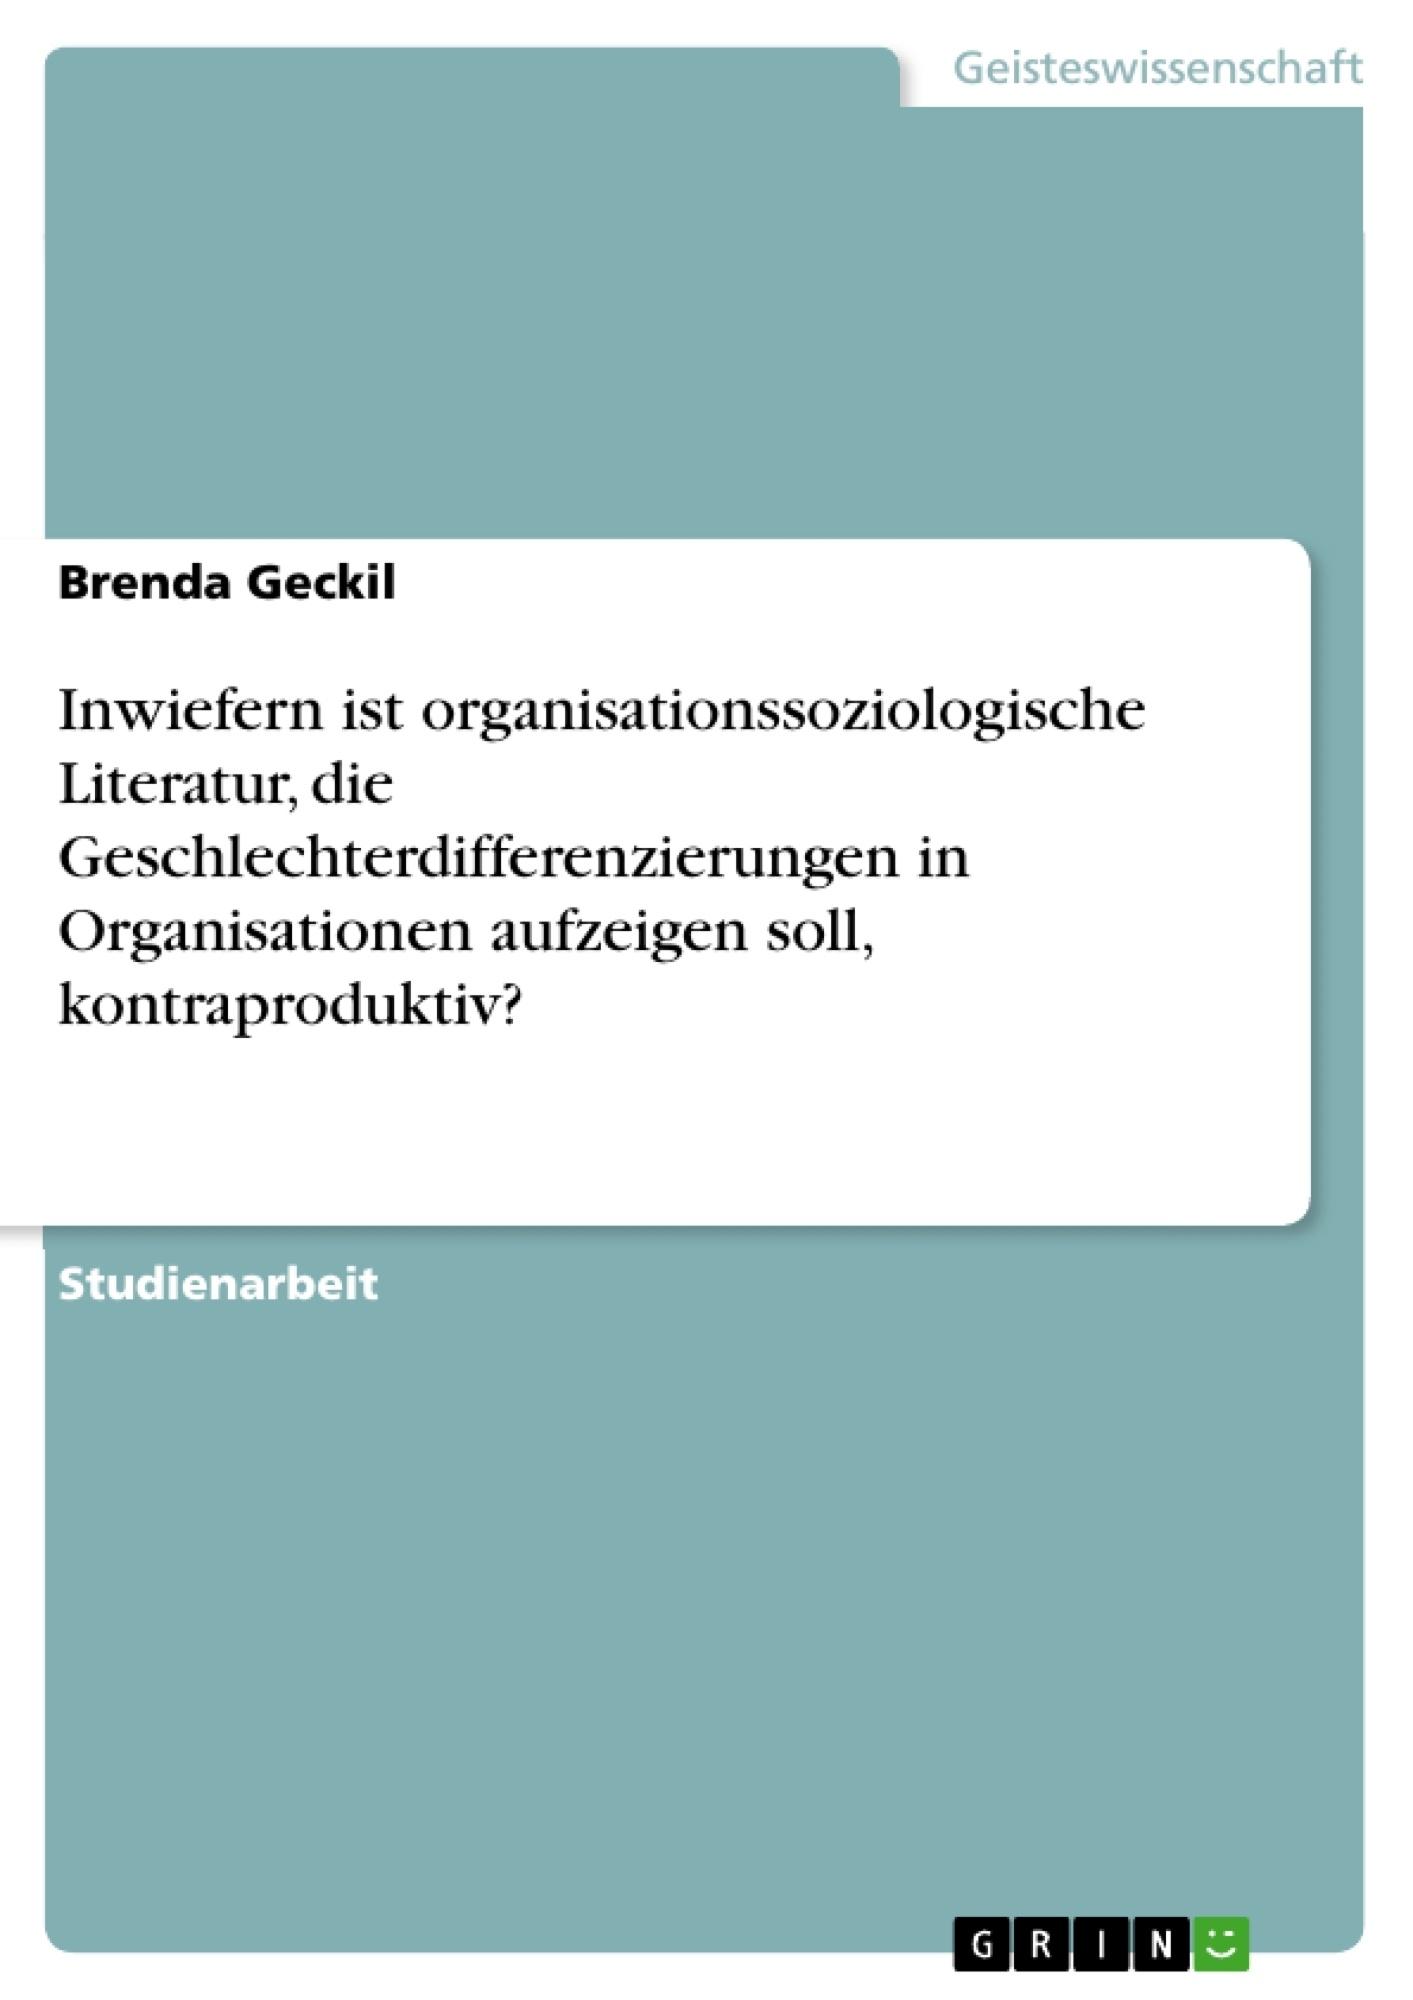 Titel: Inwiefern ist organisationssoziologische Literatur, die Geschlechterdifferenzierungen in Organisationen aufzeigen soll, kontraproduktiv?